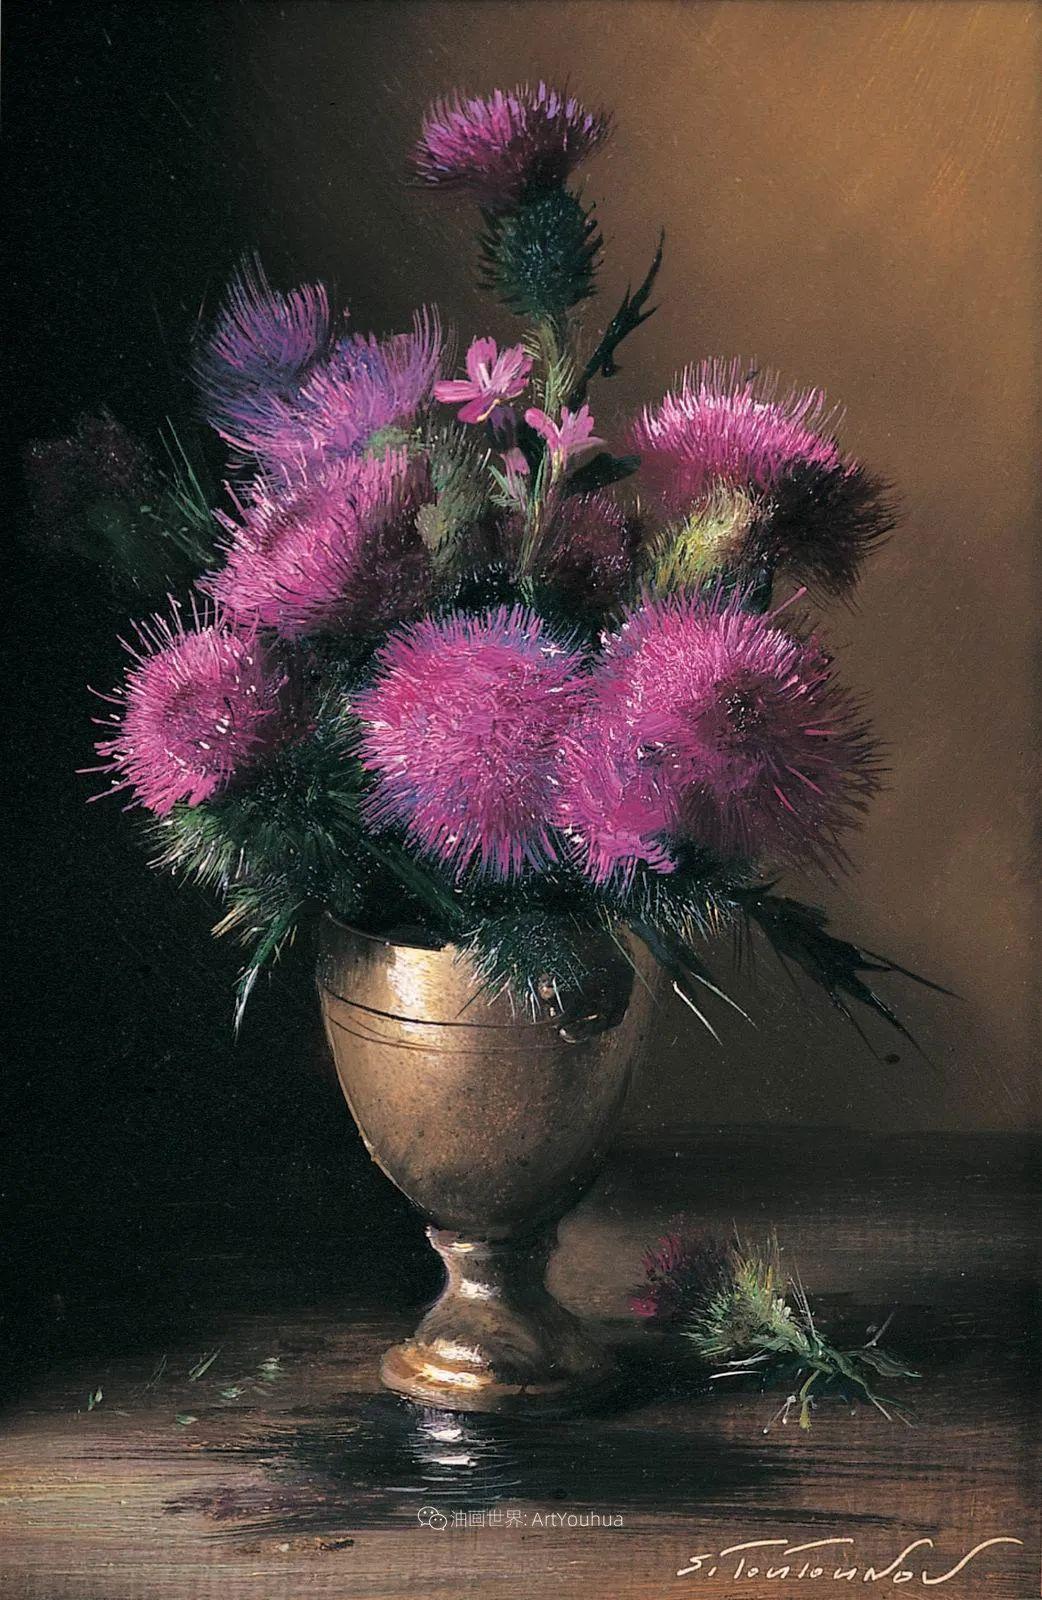 花香袭人,绚丽多彩!俄罗斯画家谢尔盖·图图诺夫插图43